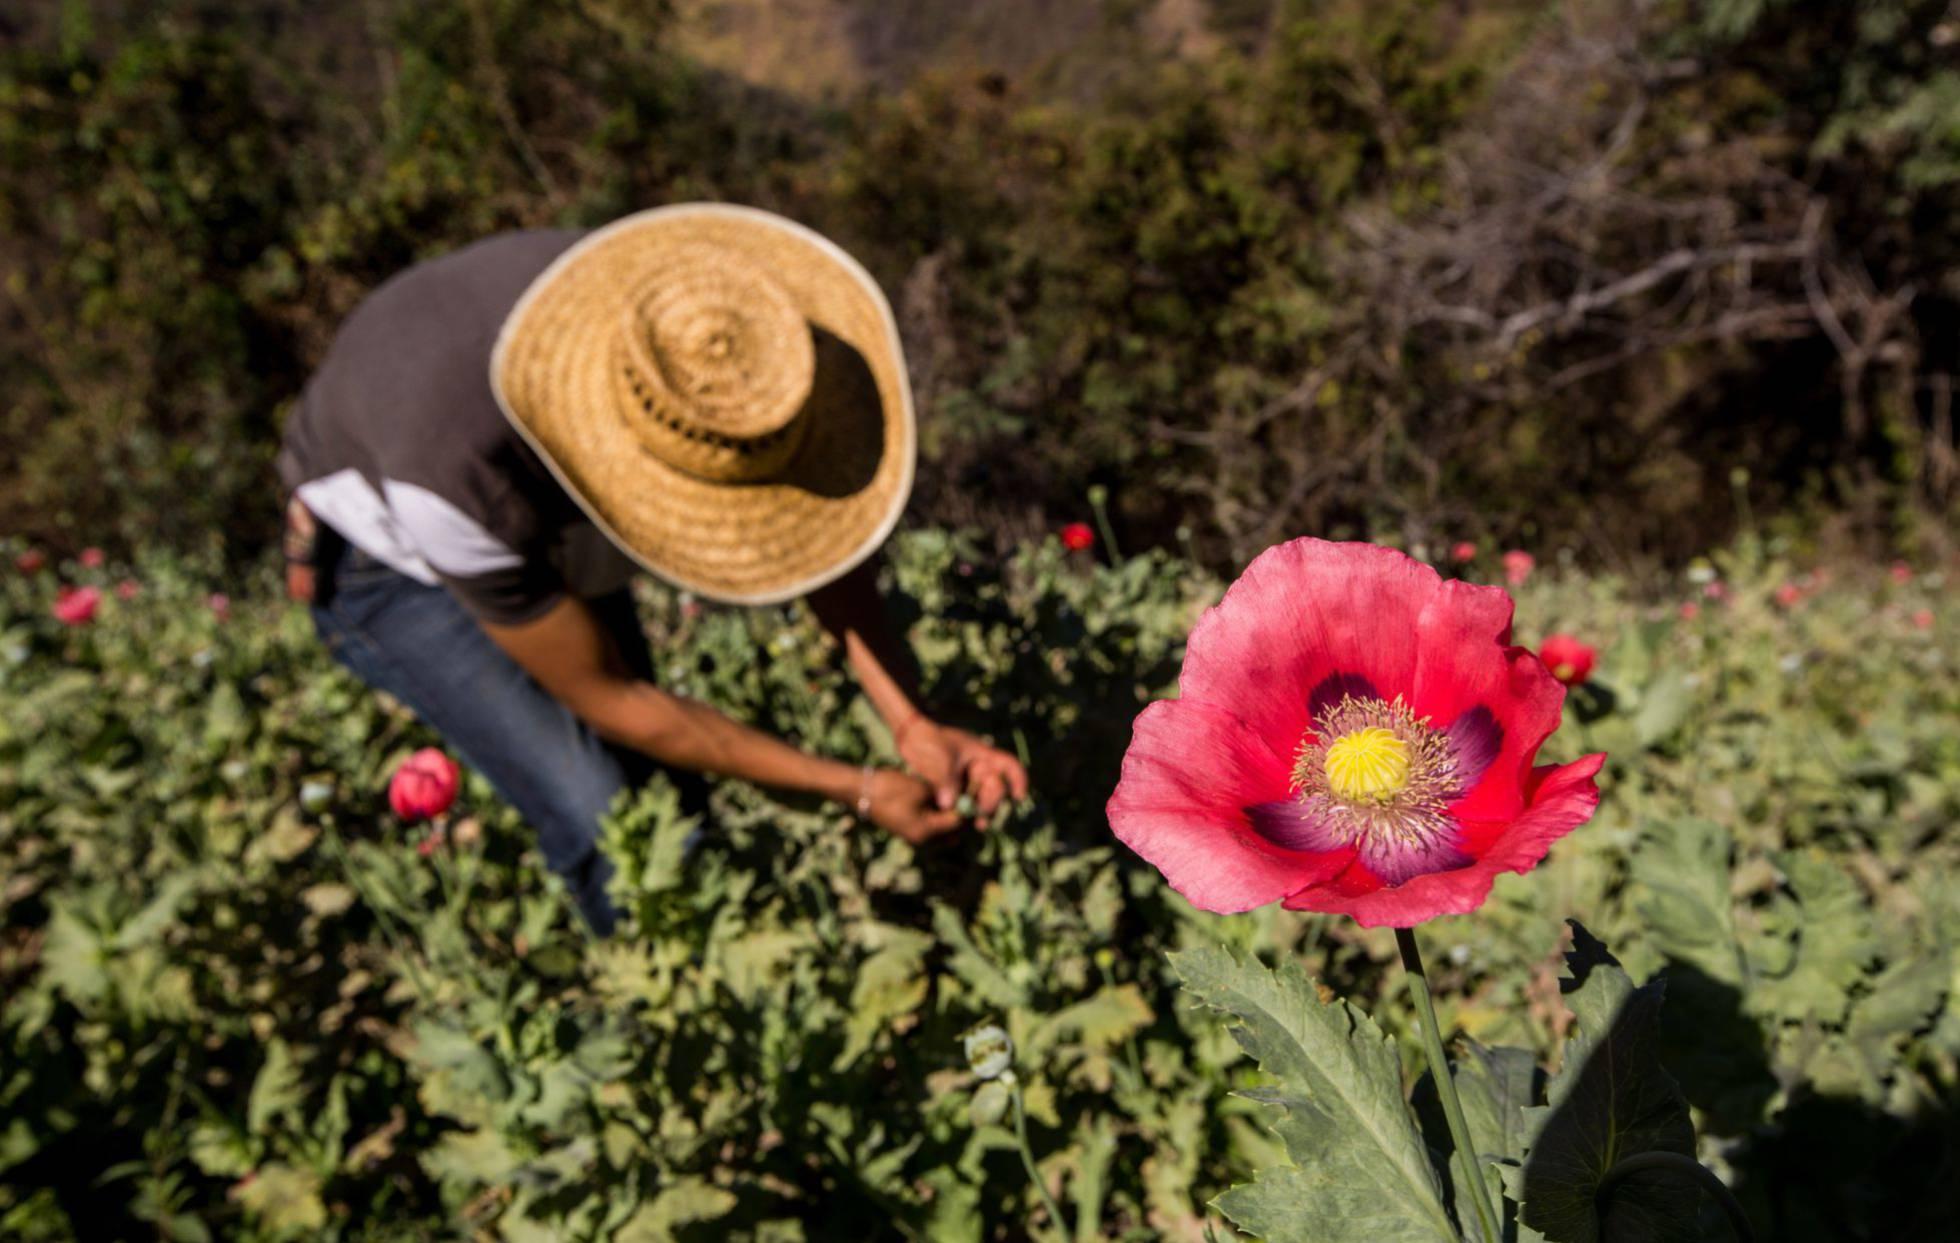 El jefe del ejército mexicano cree que la legalización de la amapola ayudaría a poner fin a la violencia